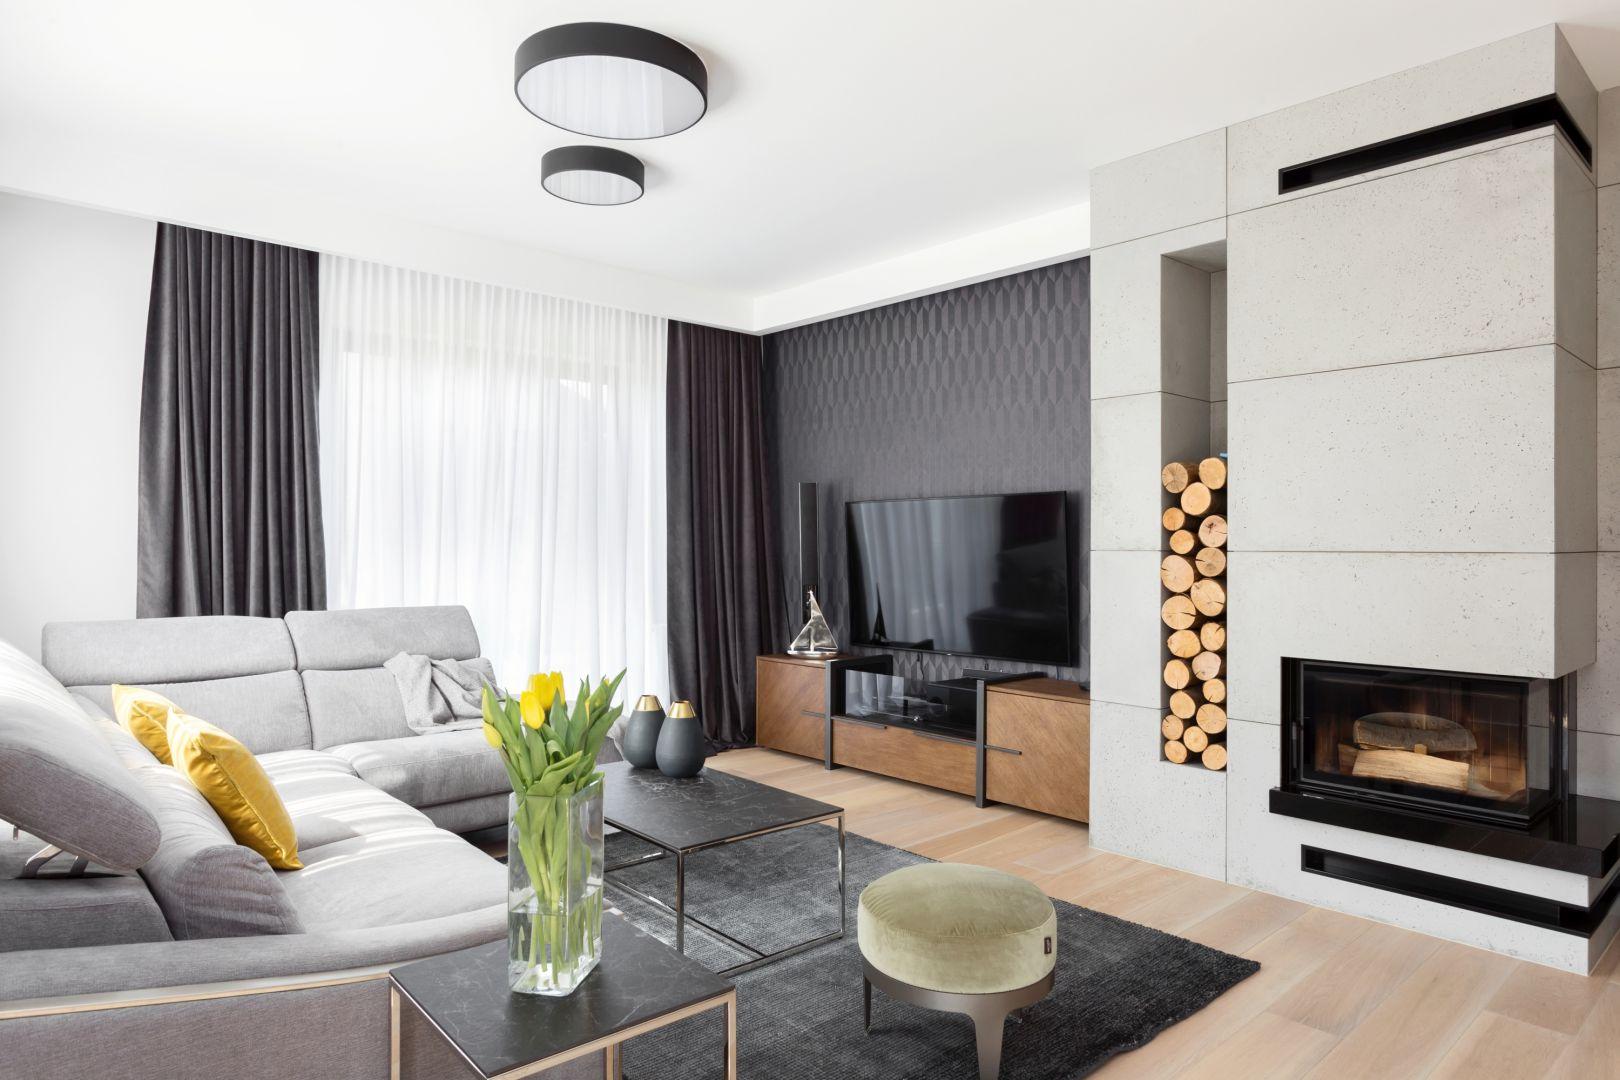 Salon urządzono w chłodnym stylu skandynawskim. Dominuje tu biel połączona z czernią i szarościami, ocieplone naturalnym drewnem. Projekt Katarzyna Maciejewska. Fot. Dekorialove